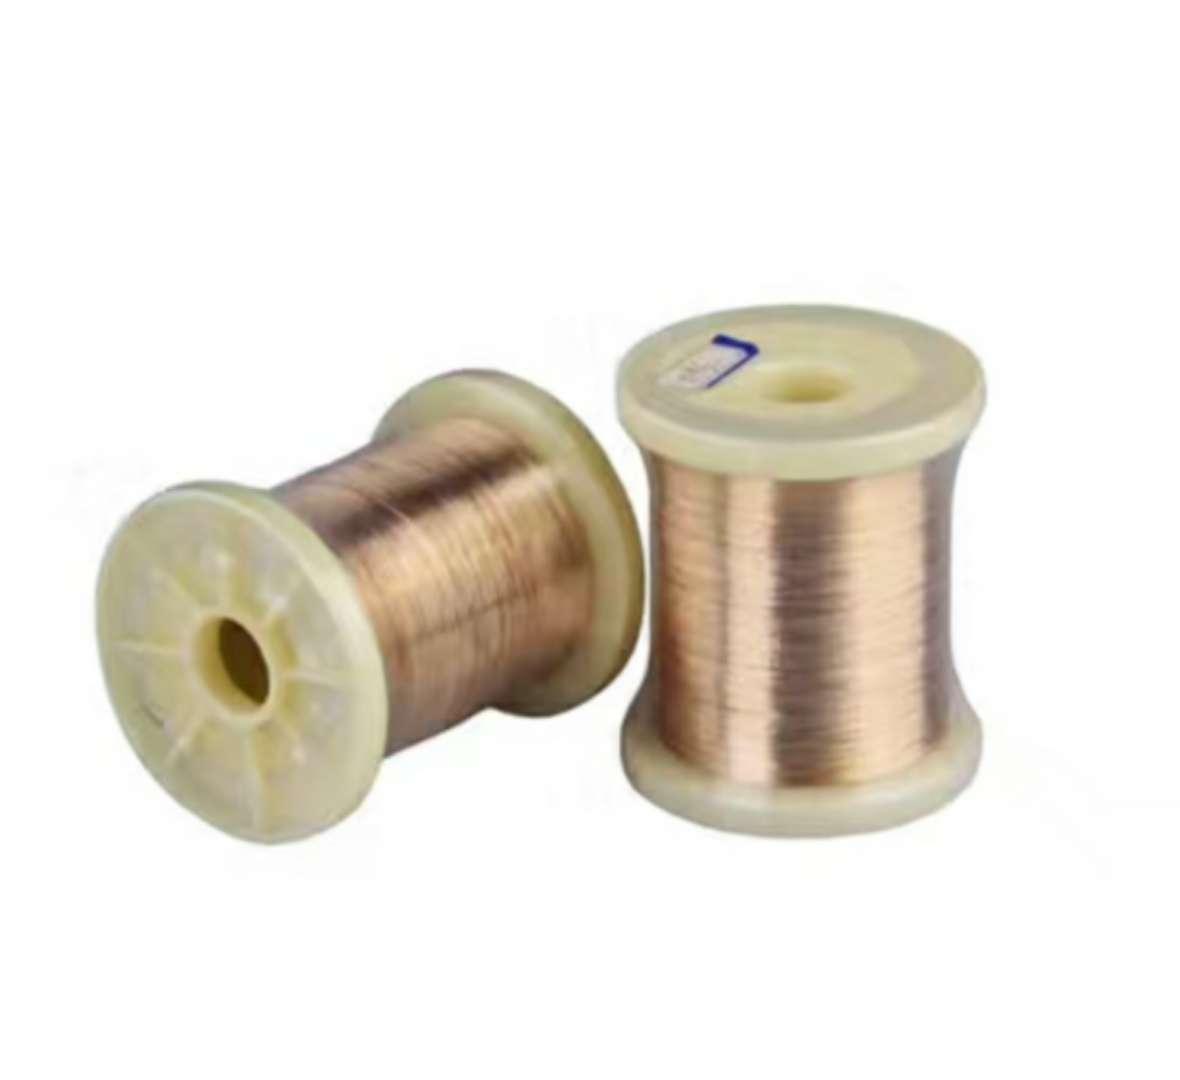 银焊片 HL612银焊带低温银焊片金刚石复合片专用56银 各种规格银